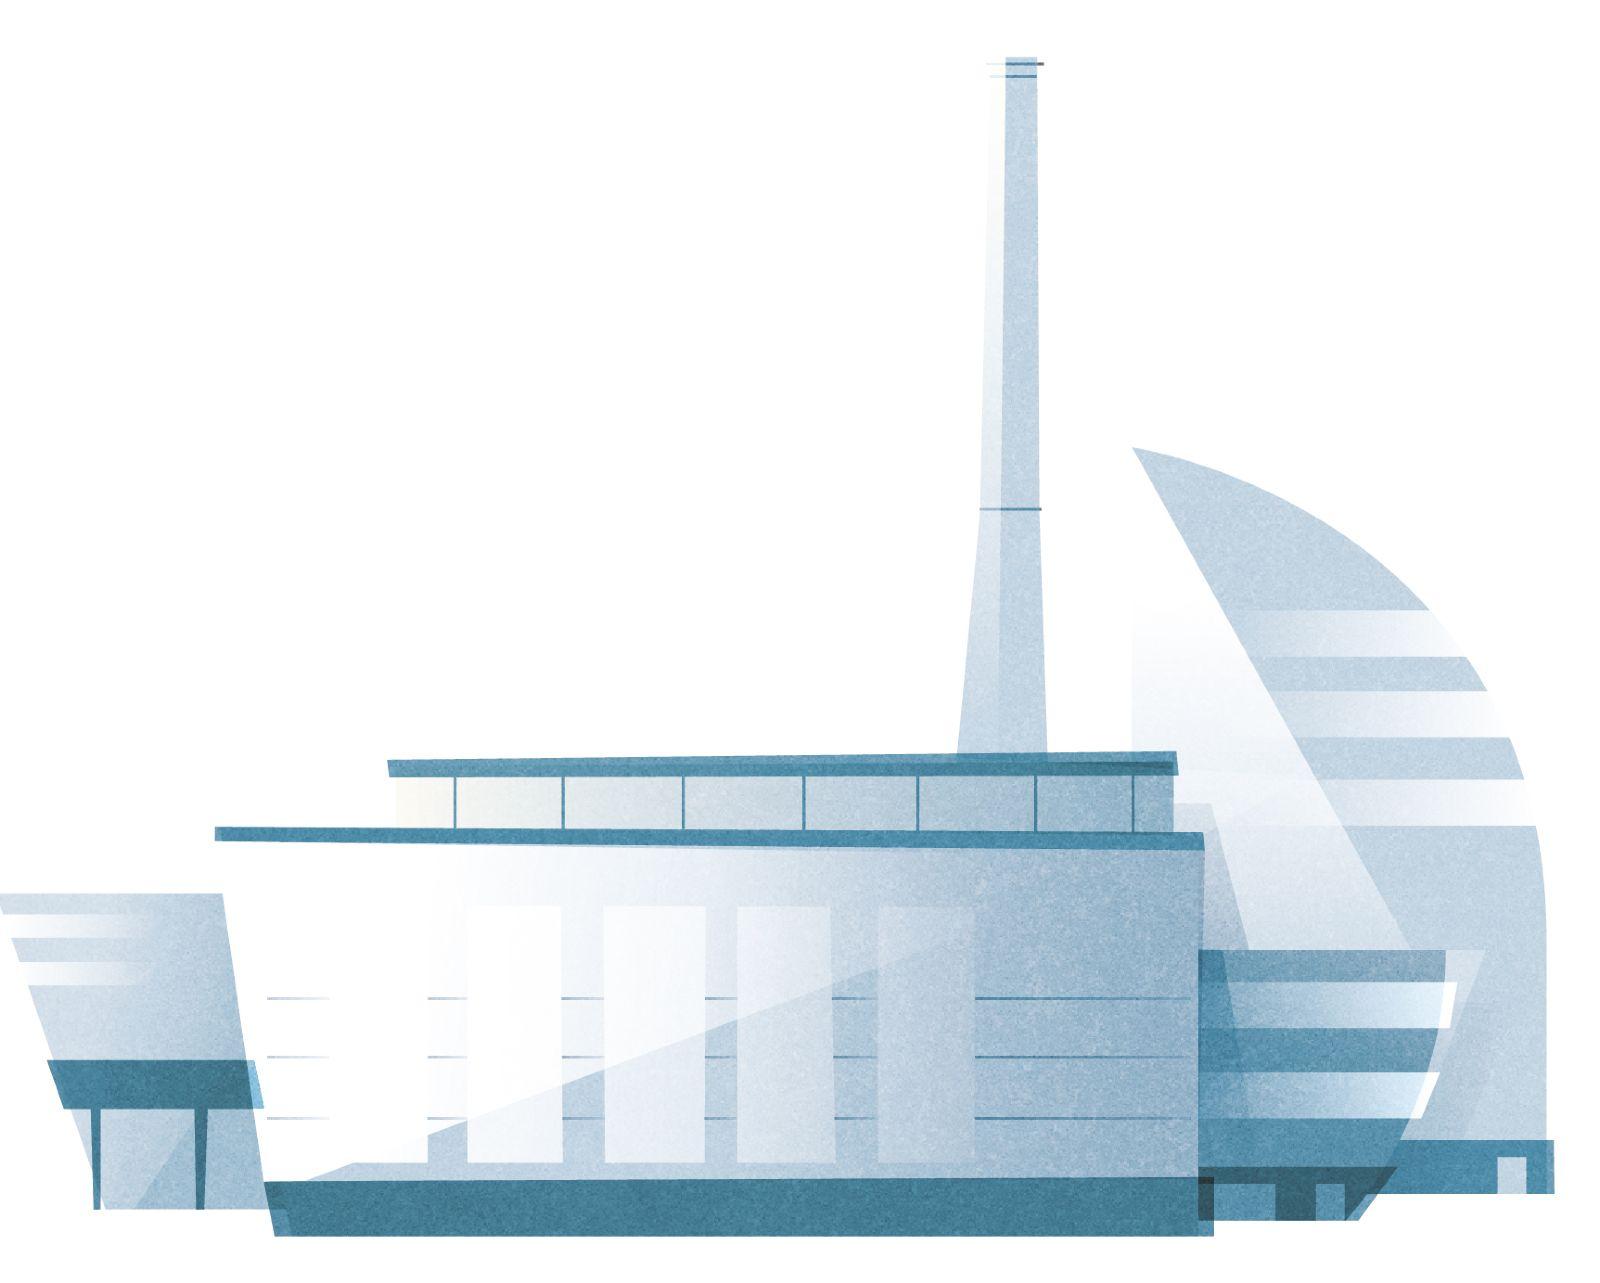 Das Bild zeigt eine Glasfabrik.